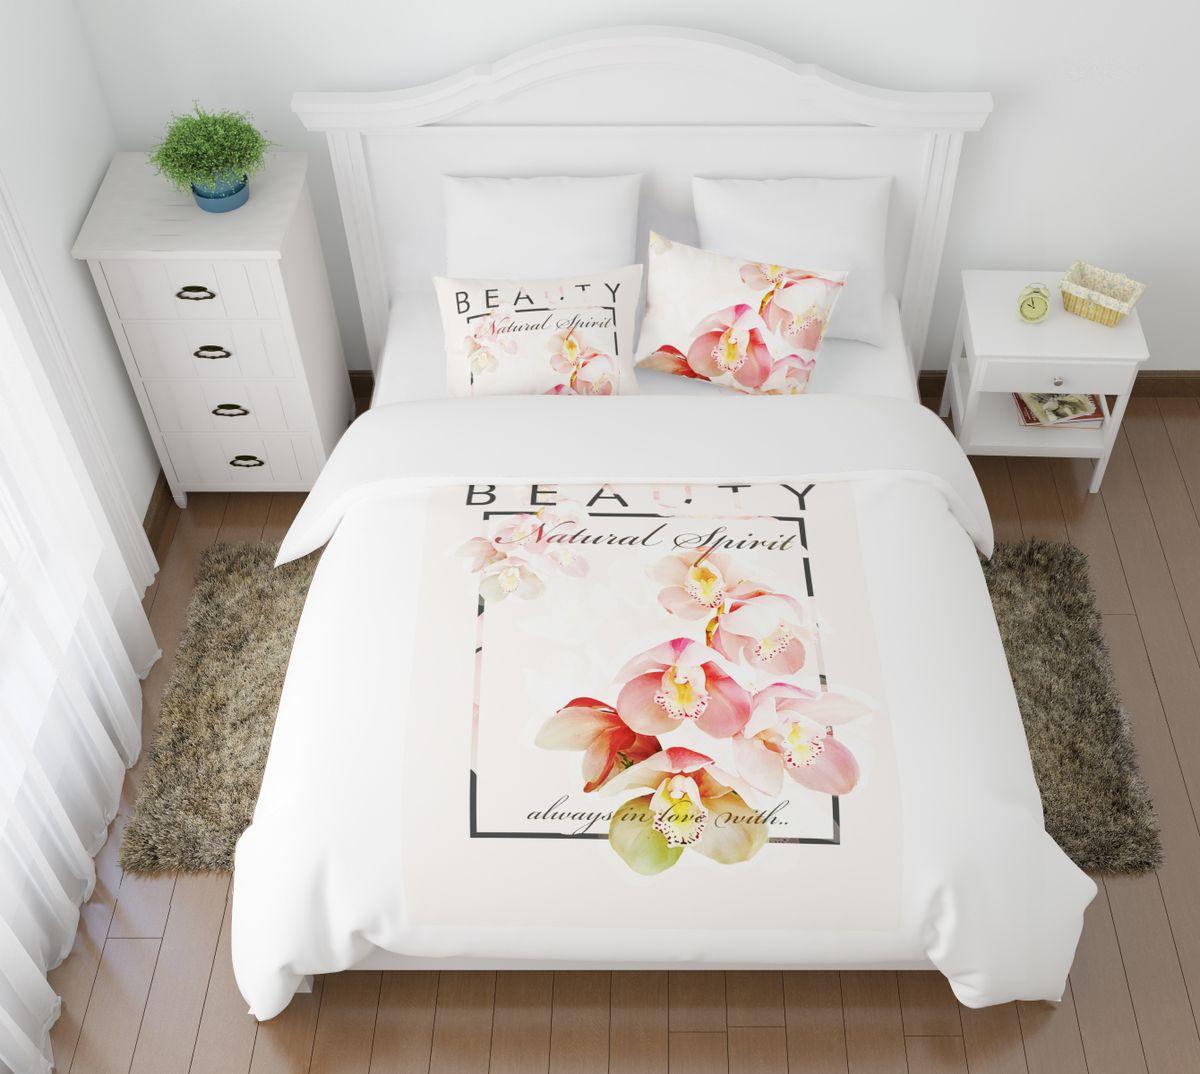 Комплект белья Сирень Изысканность, 2-спальный, наволочки 50х70SVC-300Комплект постельного белья Сирень выполнен из прочной и мягкой ткани. Четкий и стильный рисунок в сочетании с насыщенными красками делают комплект постельного белья неповторимой изюминкой любого интерьера.Постельное белье идеально подойдет для подарка. Идеальное соотношение смешенной ткани и гипоаллергенных красок - это гарантия здорового, спокойного сна. Ткань хорошо впитывает влагу, надолго сохраняет яркость красок.В комплект входят: простынь, пододеяльник, две наволочки. Постельное белье легко стирать при 30-40°С, гладить при 150°С, не отбеливать. Рекомендуется перед первым использованием постирать.УВАЖАЕМЫЕ КЛИЕНТЫ! Обращаем ваше внимание, что цвет простыни, пододеяльника, наволочки в комплектации может немного отличаться от представленного на фото.